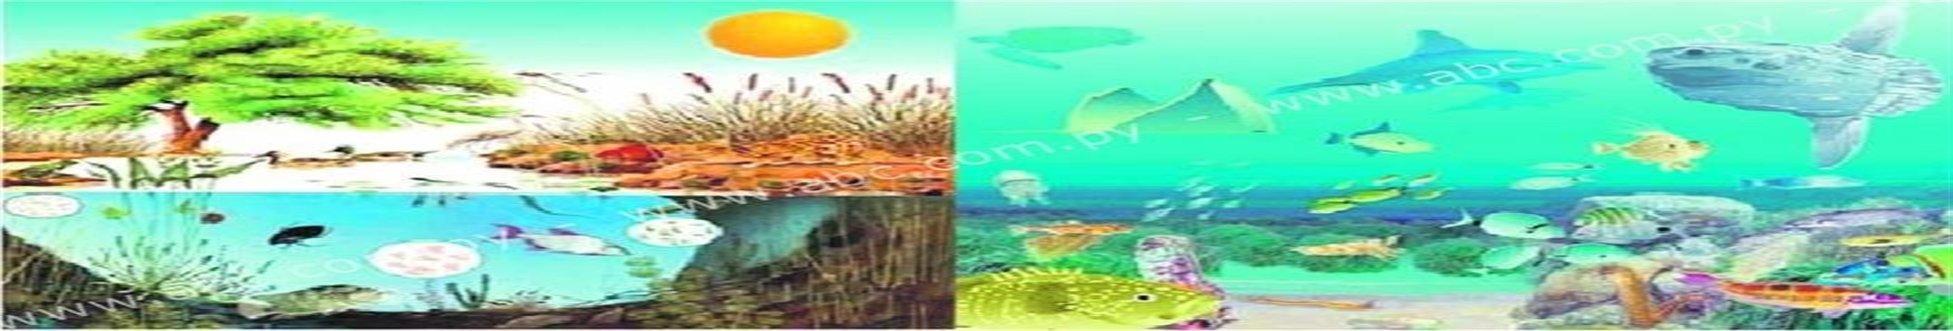 Ecosistemas De Aguas Dulces Y Aguas Saladas Webscolar